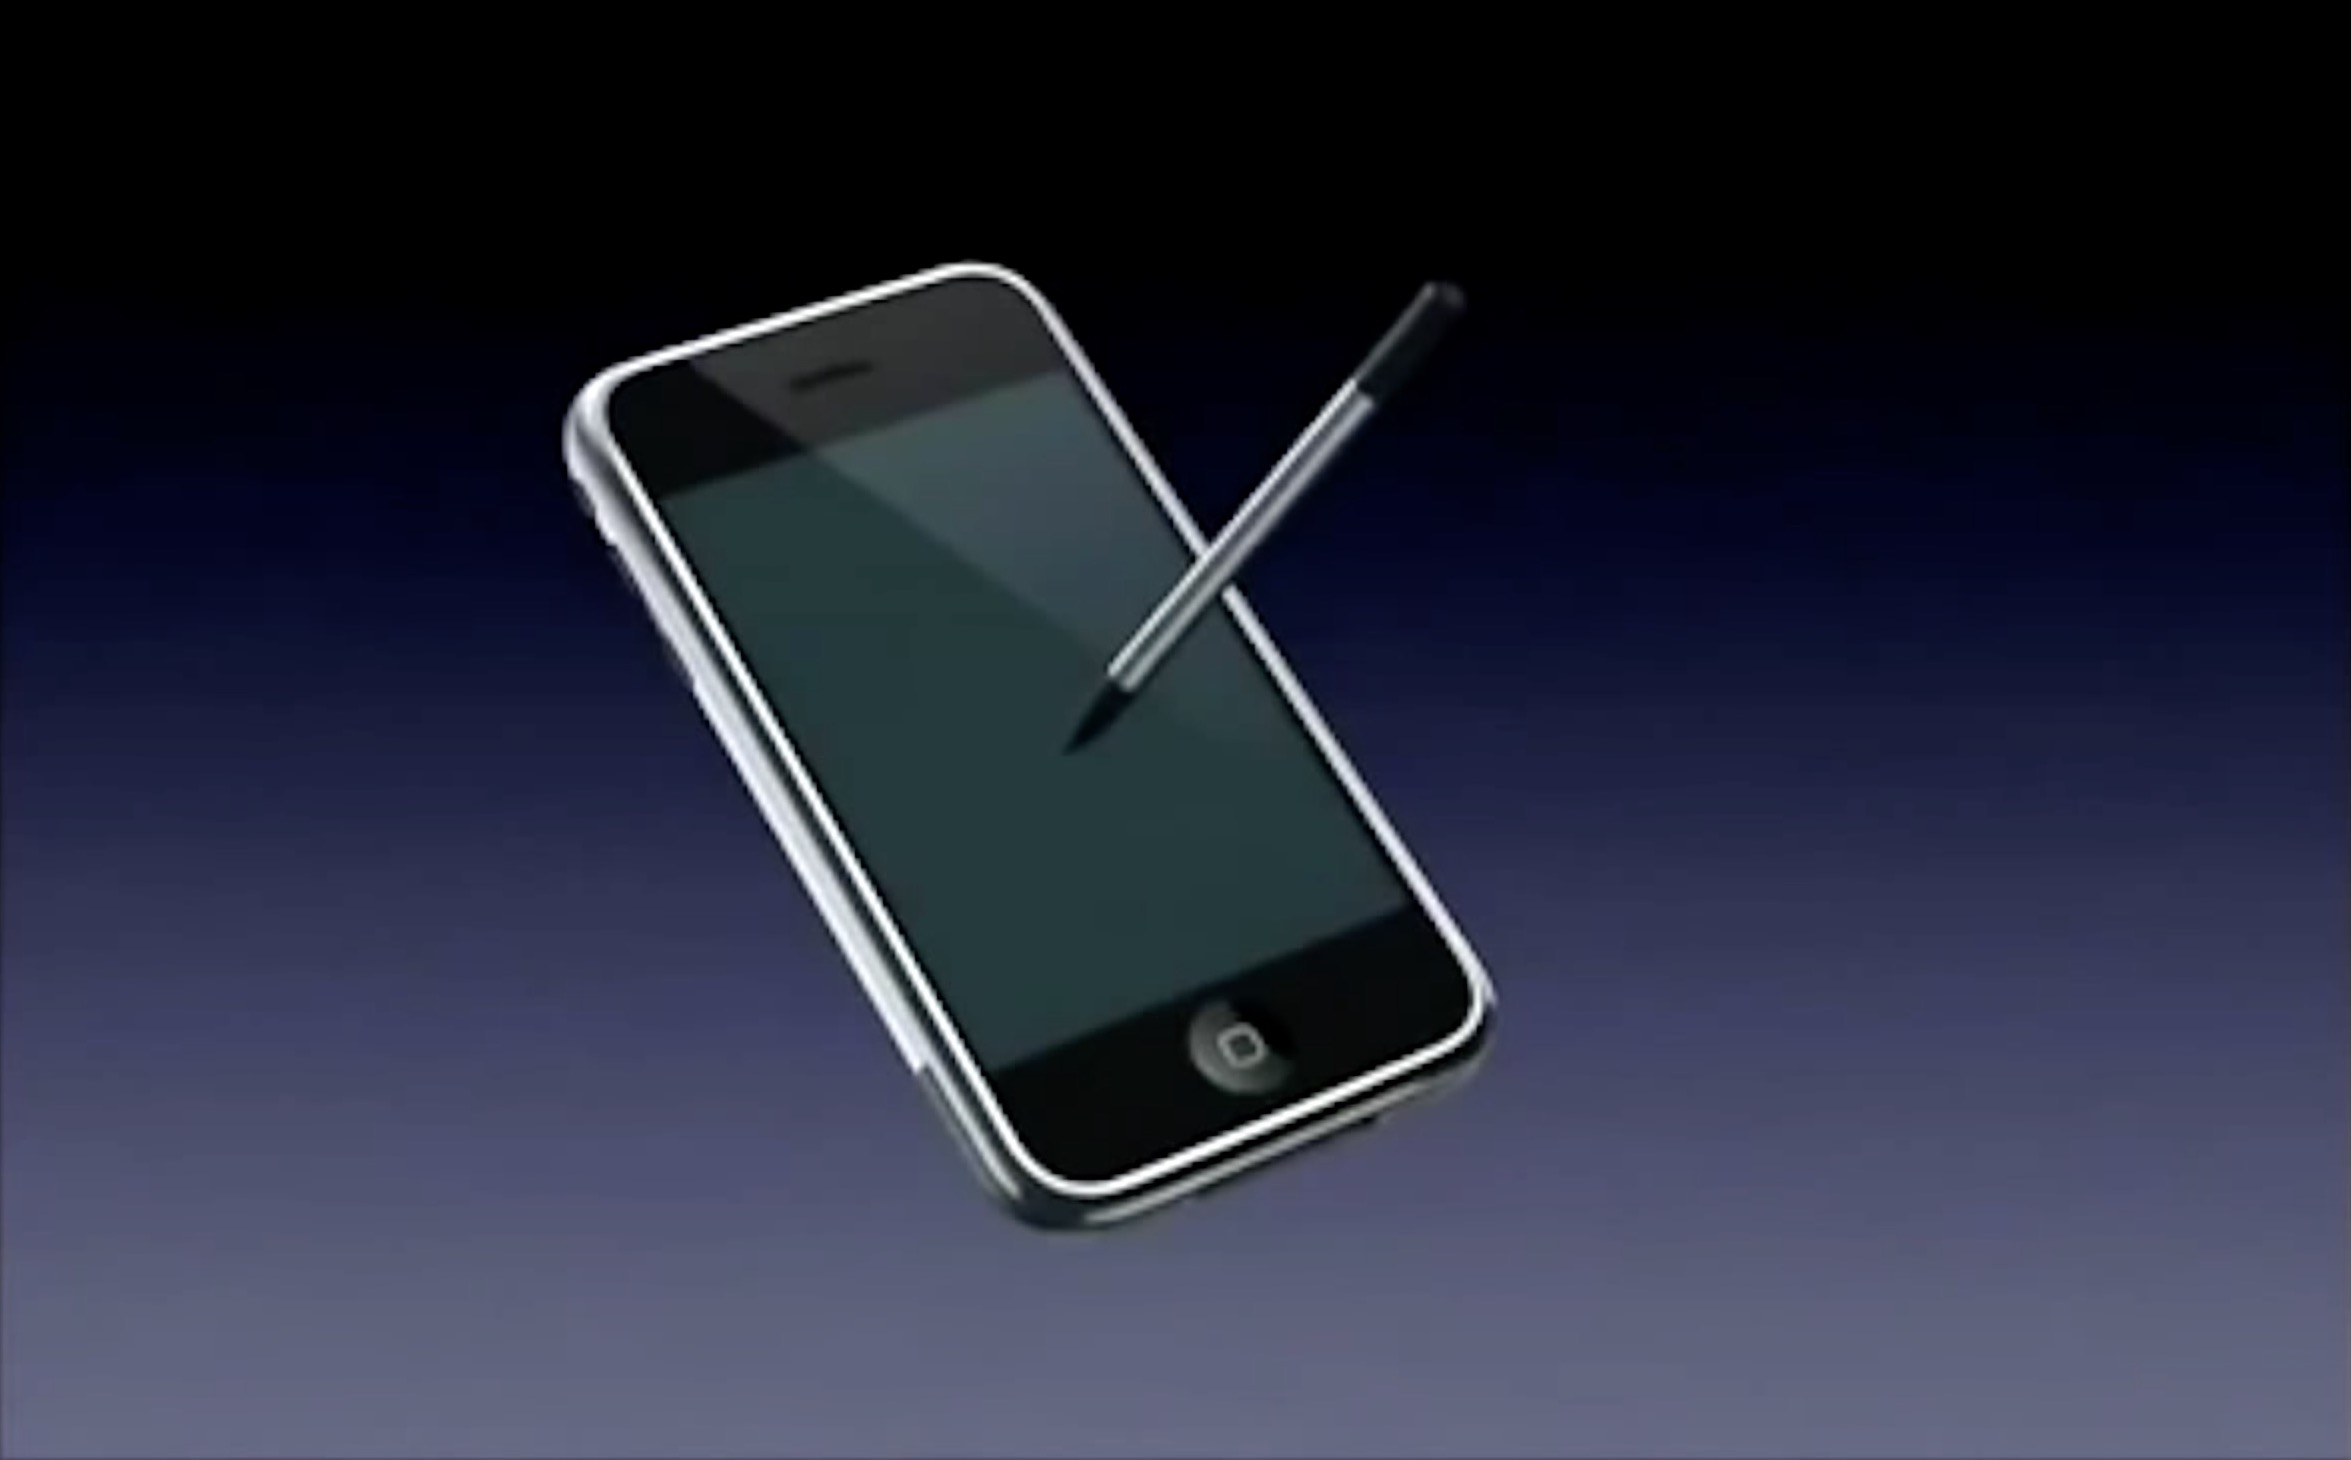 新型iPhone、「Apple Pencil」対応の噂再び